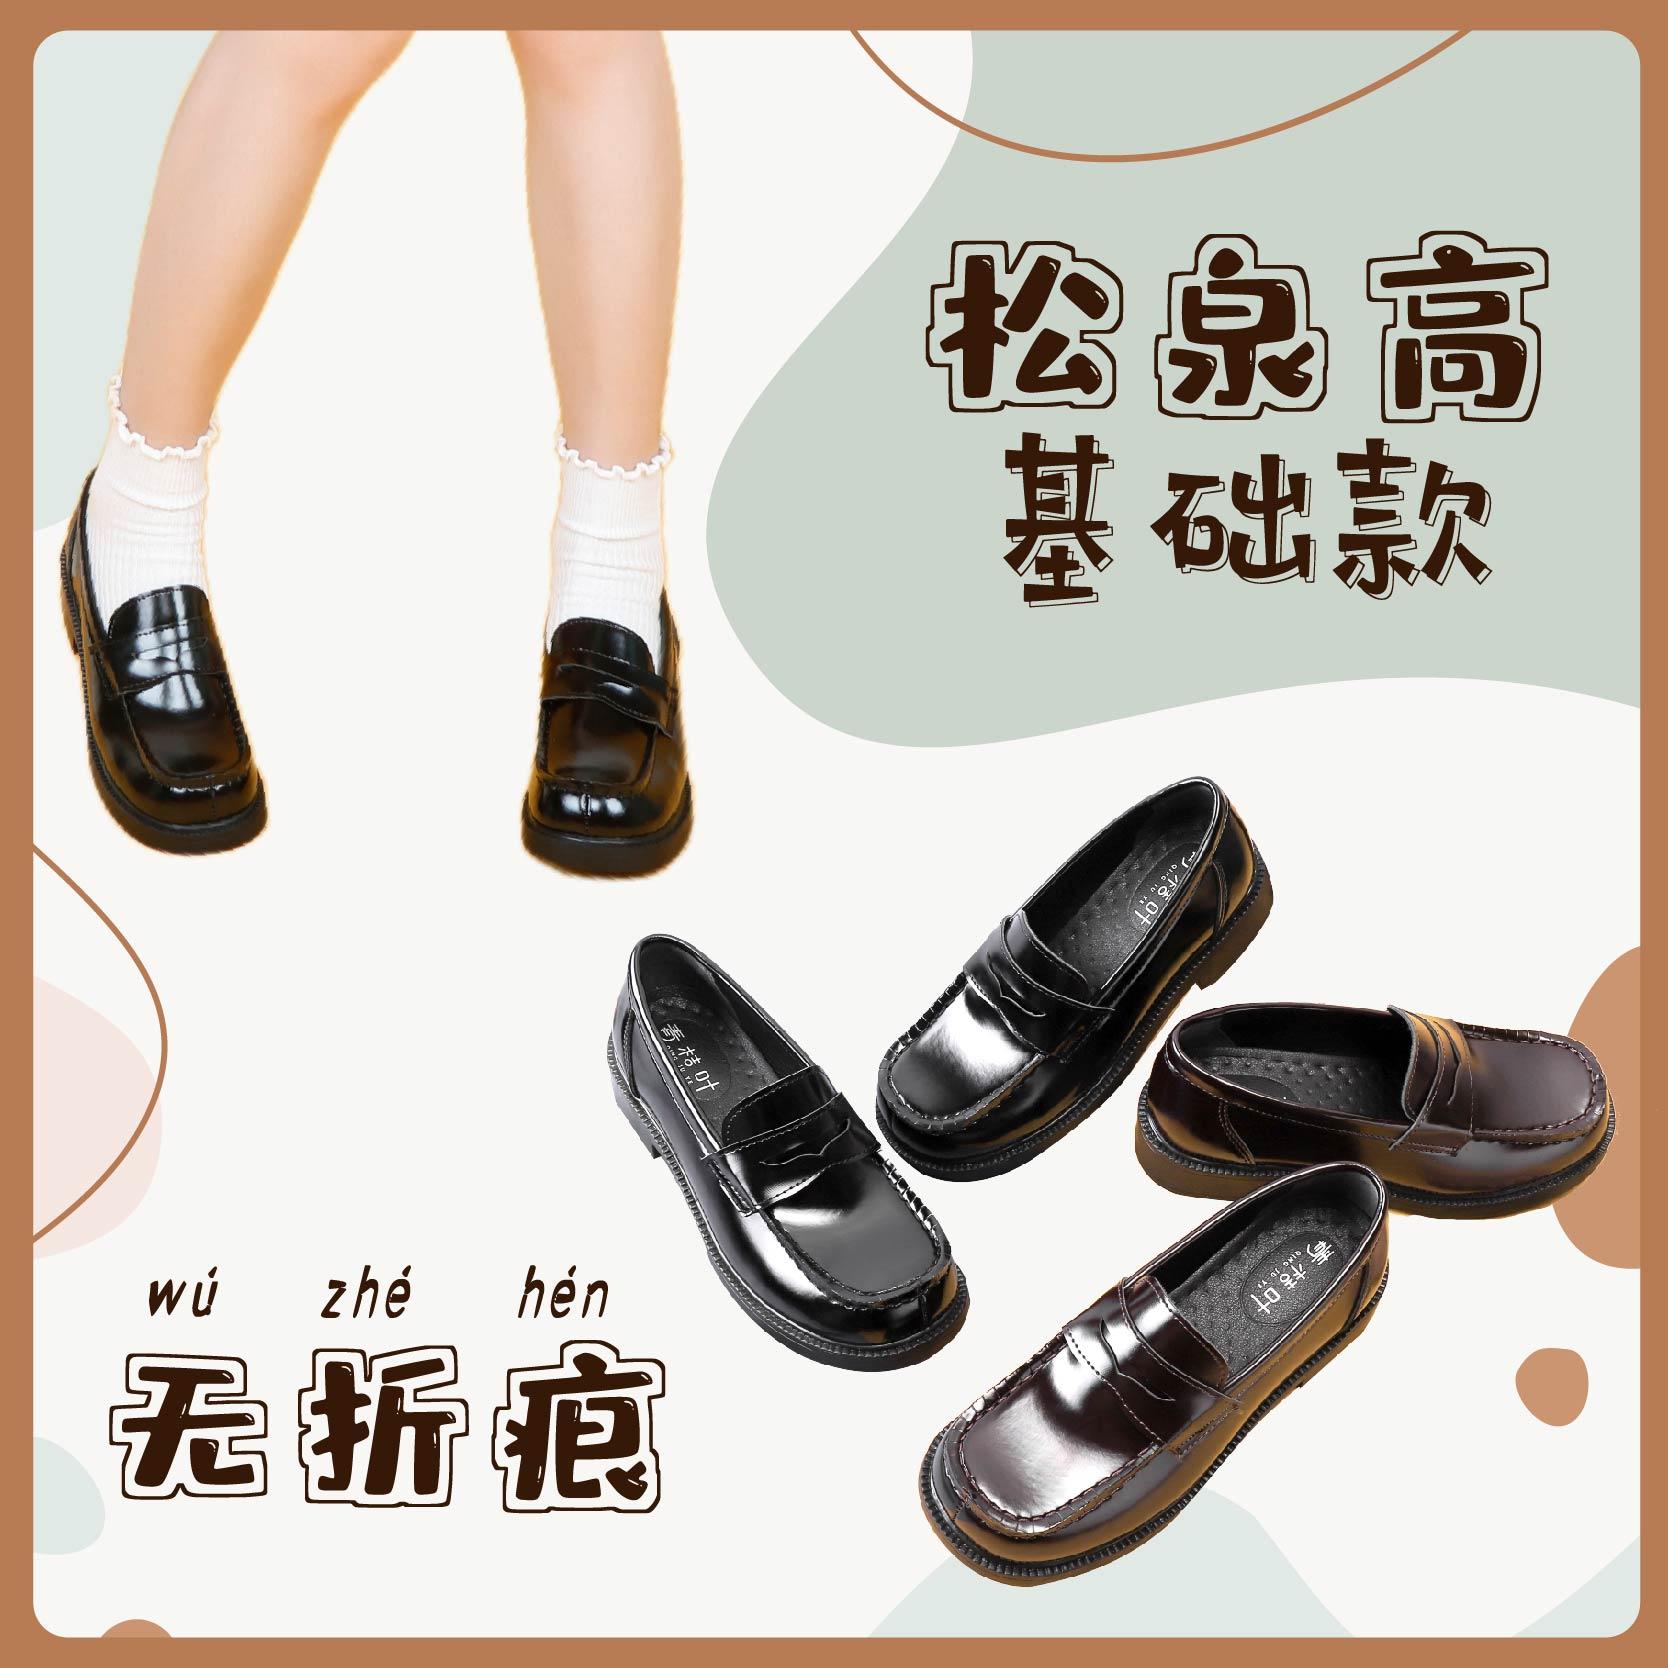 全款【松泉高基础款】可拆jk小皮鞋